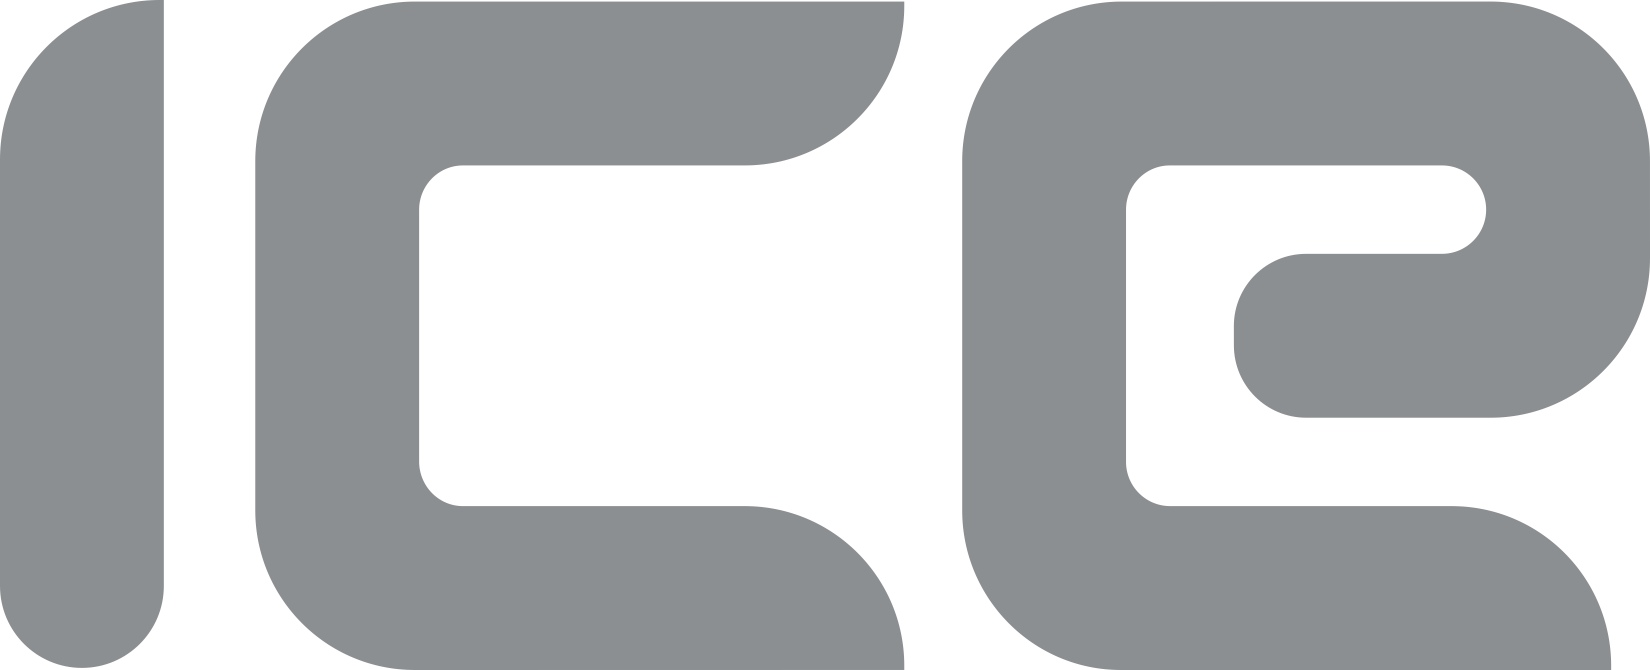 ICE Logo 1650pix.png